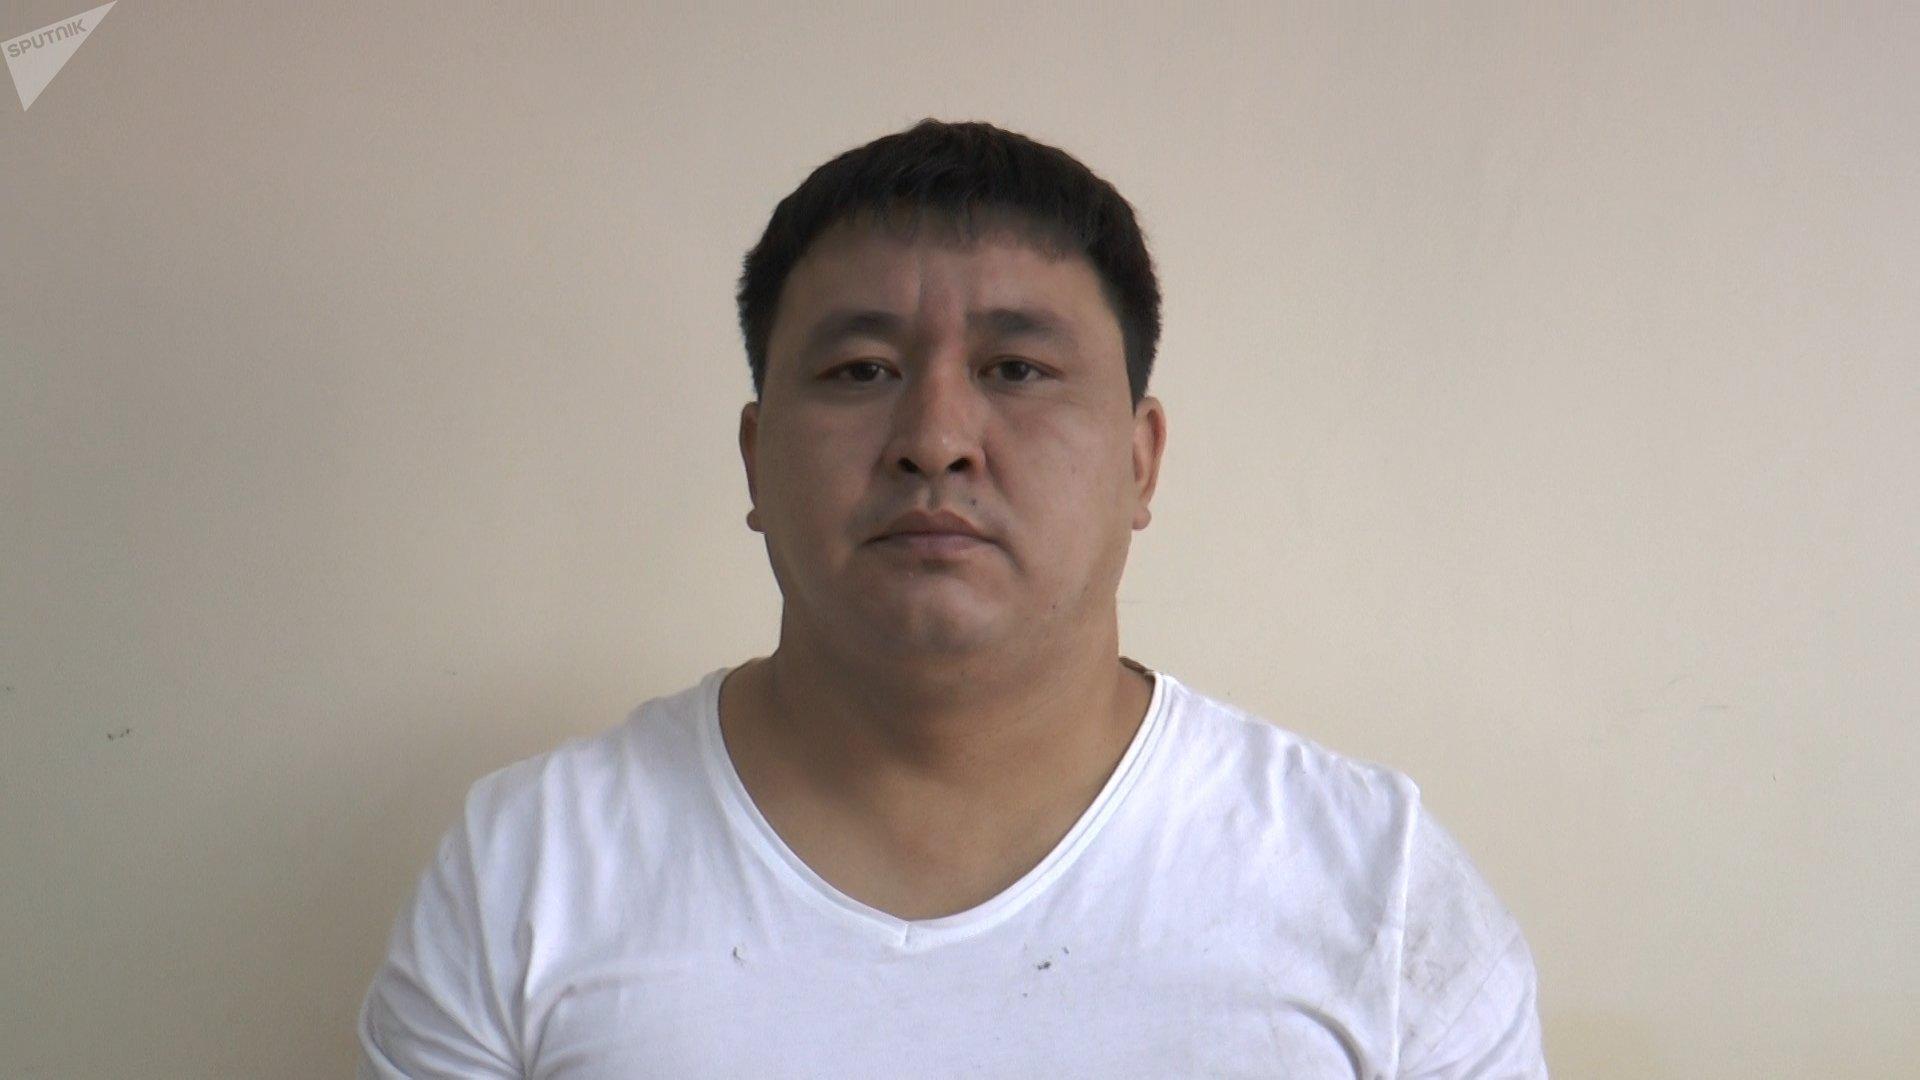 Гражданин Ж., подозреваемый в многочисленных преступлениях